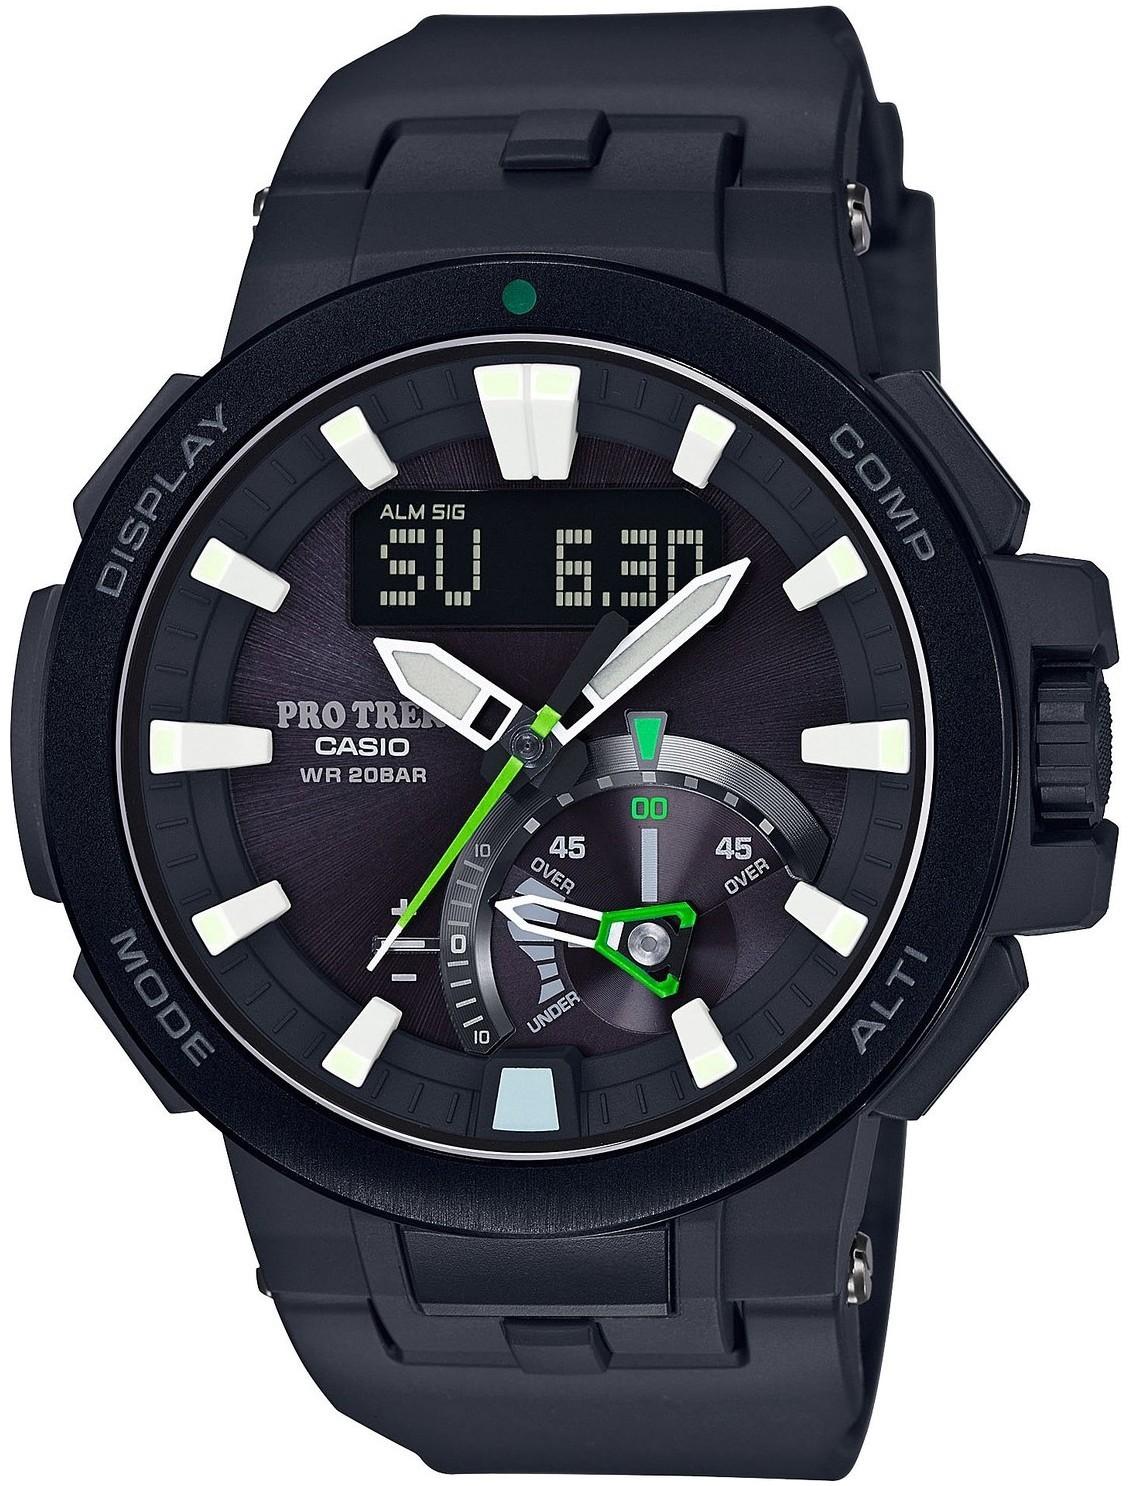 Casio Protrek PRW-7000-1A / PRW-7000-1AER - мужские наручные часыCasio<br><br><br>Бренд: Casio<br>Модель: Casio PRW-7000-1A<br>Артикул: PRW-7000-1A<br>Вариант артикула: PRW-7000-1AER<br>Коллекция: Protrek<br>Подколлекция: None<br>Страна: None<br>Пол: мужские<br>Тип механизма: None<br>Механизм: None<br>Количество камней: None<br>Автоподзавод: None<br>Источник энергии: от солнечной батареи<br>Срок службы элемента питания: None<br>Дисплей: стрелки<br>Цифры: отсутствуют<br>Водозащита: WR 200<br>Противоударные: есть<br>Материал корпуса: нерж. сталь + пластик<br>Материал браслета: пластик<br>Материал безеля: None<br>Стекло: сапфировое<br>Антибликовое покрытие: есть<br>Цвет корпуса: None<br>Цвет браслета: None<br>Цвет циферблата: None<br>Цвет безеля: None<br>Размеры: 52.3x58.7x14.5 мм<br>Диаметр: None<br>Диаметр корпуса: None<br>Толщина: None<br>Ширина ремешка: None<br>Вес: 95 г<br>Спорт-функции: секундомер, таймер обратного отсчета, высотомер, барометр, термометр, компас<br>Подсветка: дисплея, стрелок<br>Вставка: None<br>Отображение даты: вечный календарь, число, месяц, день недели<br>Хронограф: есть<br>Таймер: None<br>Термометр: None<br>Хронометр: None<br>GPS: None<br>Радиосинхронизация: есть<br>Барометр: None<br>Скелетон: None<br>Дополнительная информация: автоподсветка, ежечасный сигнал, функция перемещения стрелок, функция сохранения энергии, функция включения/отключения звука кнопок; ремешок с карбоновой вставкой<br>Дополнительные функции: индикатор запаса хода, второй часовой пояс, указатель фаз Луны, время восхода и заката, будильник (количество установок: 5)